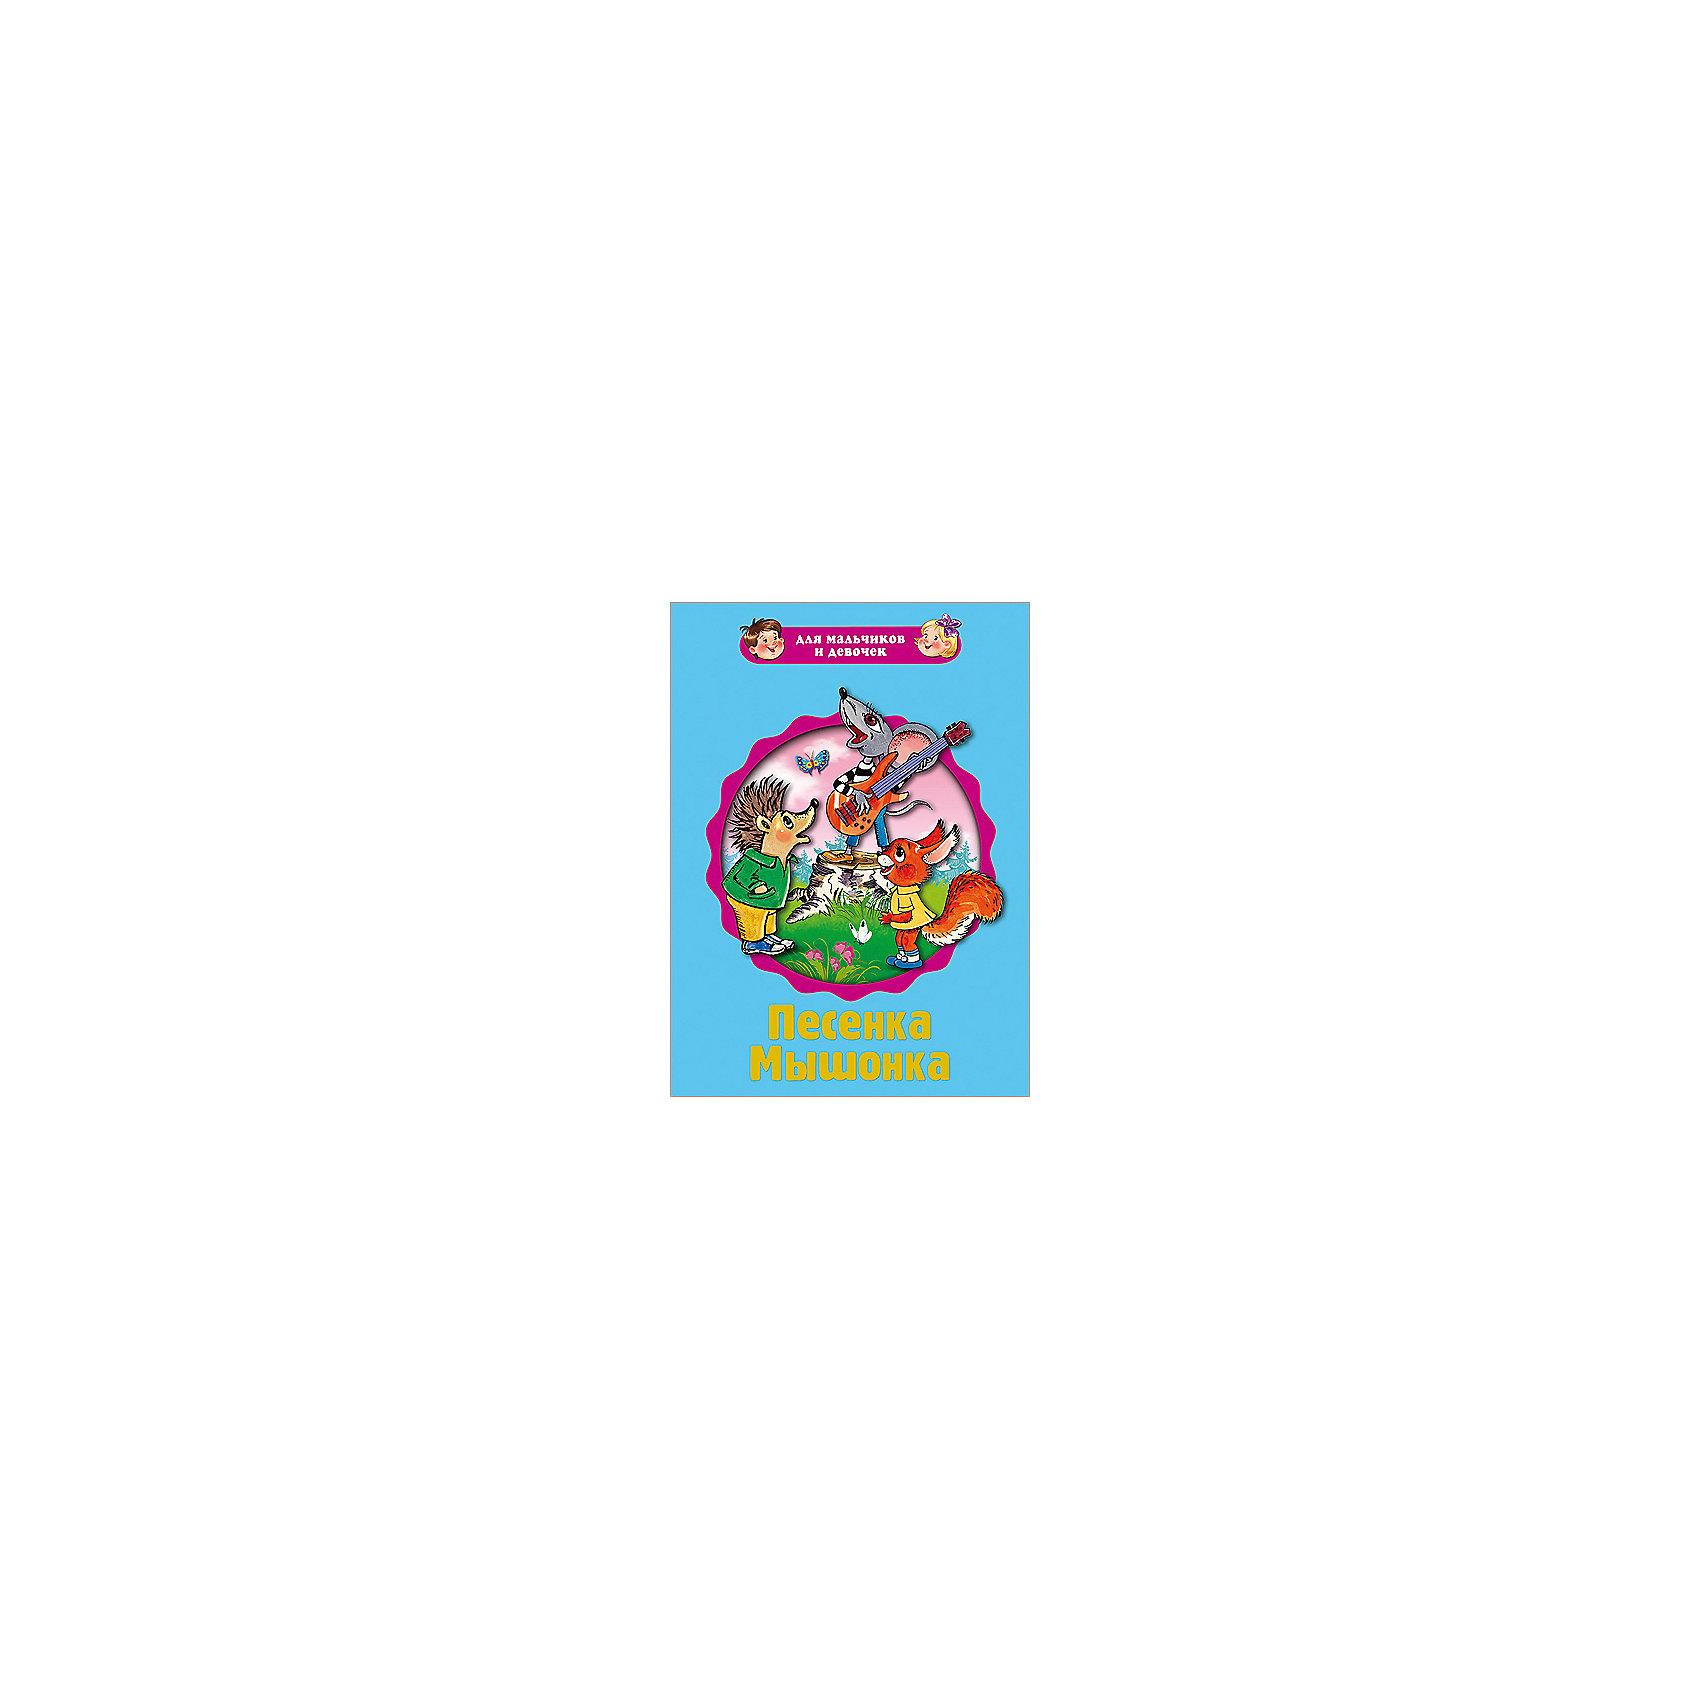 Для мальчиков и девочек. Песенка мышонкаПесенка мышонка - замечательная книга для маленьких читателей. Красивые иллюстрации, плотная обложка и удобный формат привлекут внимание ребенка, и он с удовольствием будет слушать интересные сказки, перелистывая странички самостоятельно. Подарите ребенку радость чтения!<br>Дополнительная информация:<br>Издательство: Проф-Пресс<br>Год выпуска: 2016<br>Серия: Книжки на картоне Для мальчиков и девочек<br>Обложка: твердый переплет<br>Иллюстрации: цветные<br>Количество страниц: 10<br>ISBN:978-5-378-21214-9<br>Размер: 19х1,2х16,5 см<br>Вес: 285 грамм<br>Книгу Песенка мышонка можно приобрести в нашем интернет-магазине.<br><br>Ширина мм: 165<br>Глубина мм: 12<br>Высота мм: 190<br>Вес г: 285<br>Возраст от месяцев: 0<br>Возраст до месяцев: 36<br>Пол: Унисекс<br>Возраст: Детский<br>SKU: 4905903